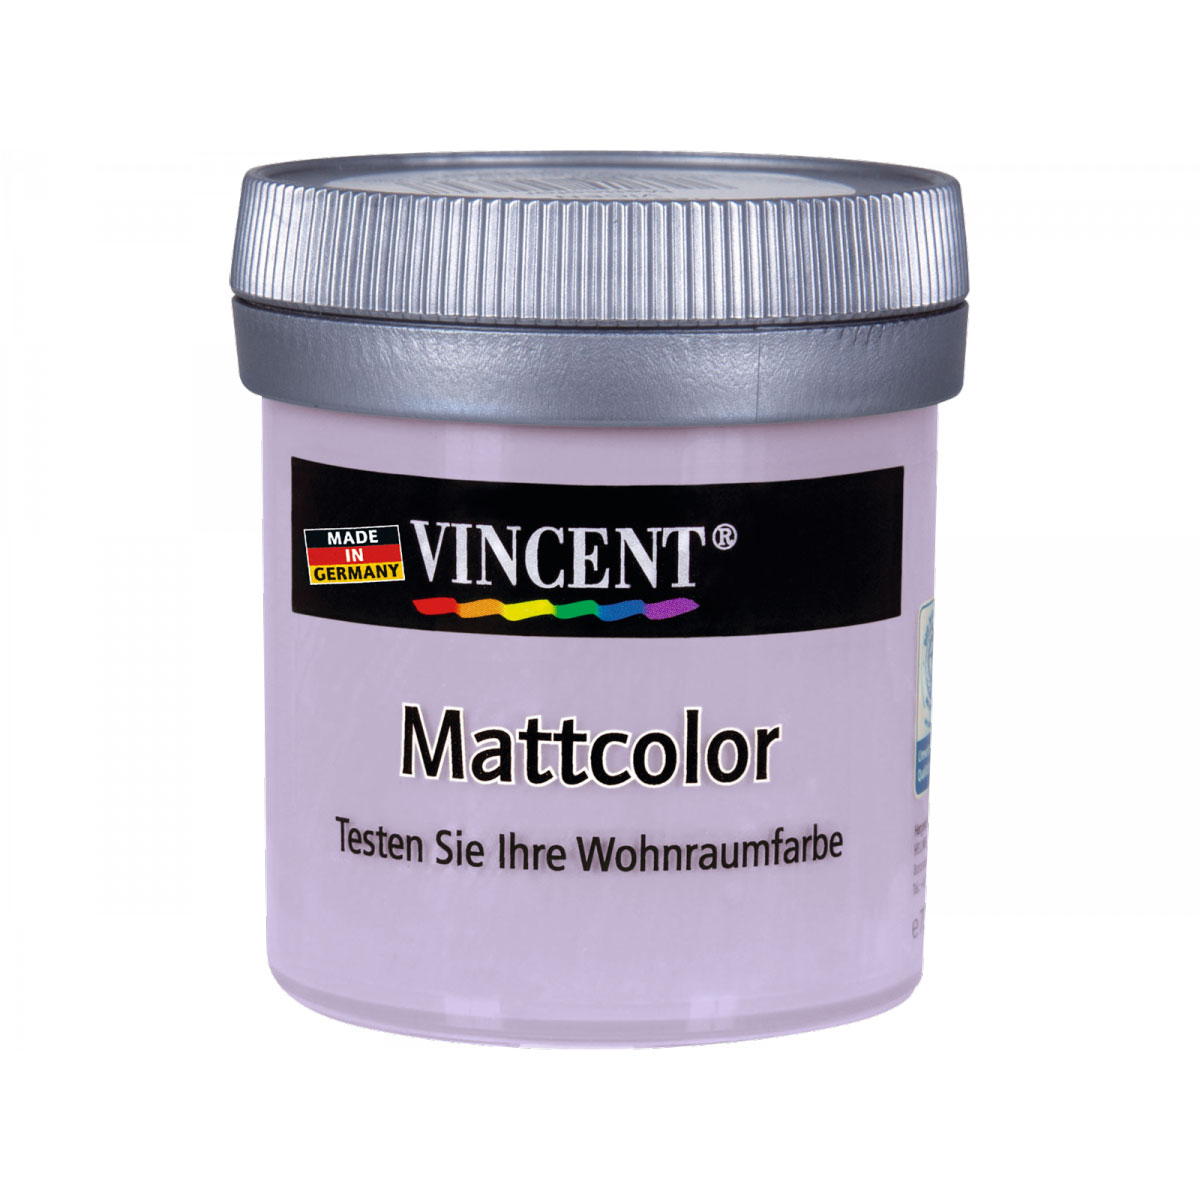 Vincent Mattcolor Lavendel 75 ml